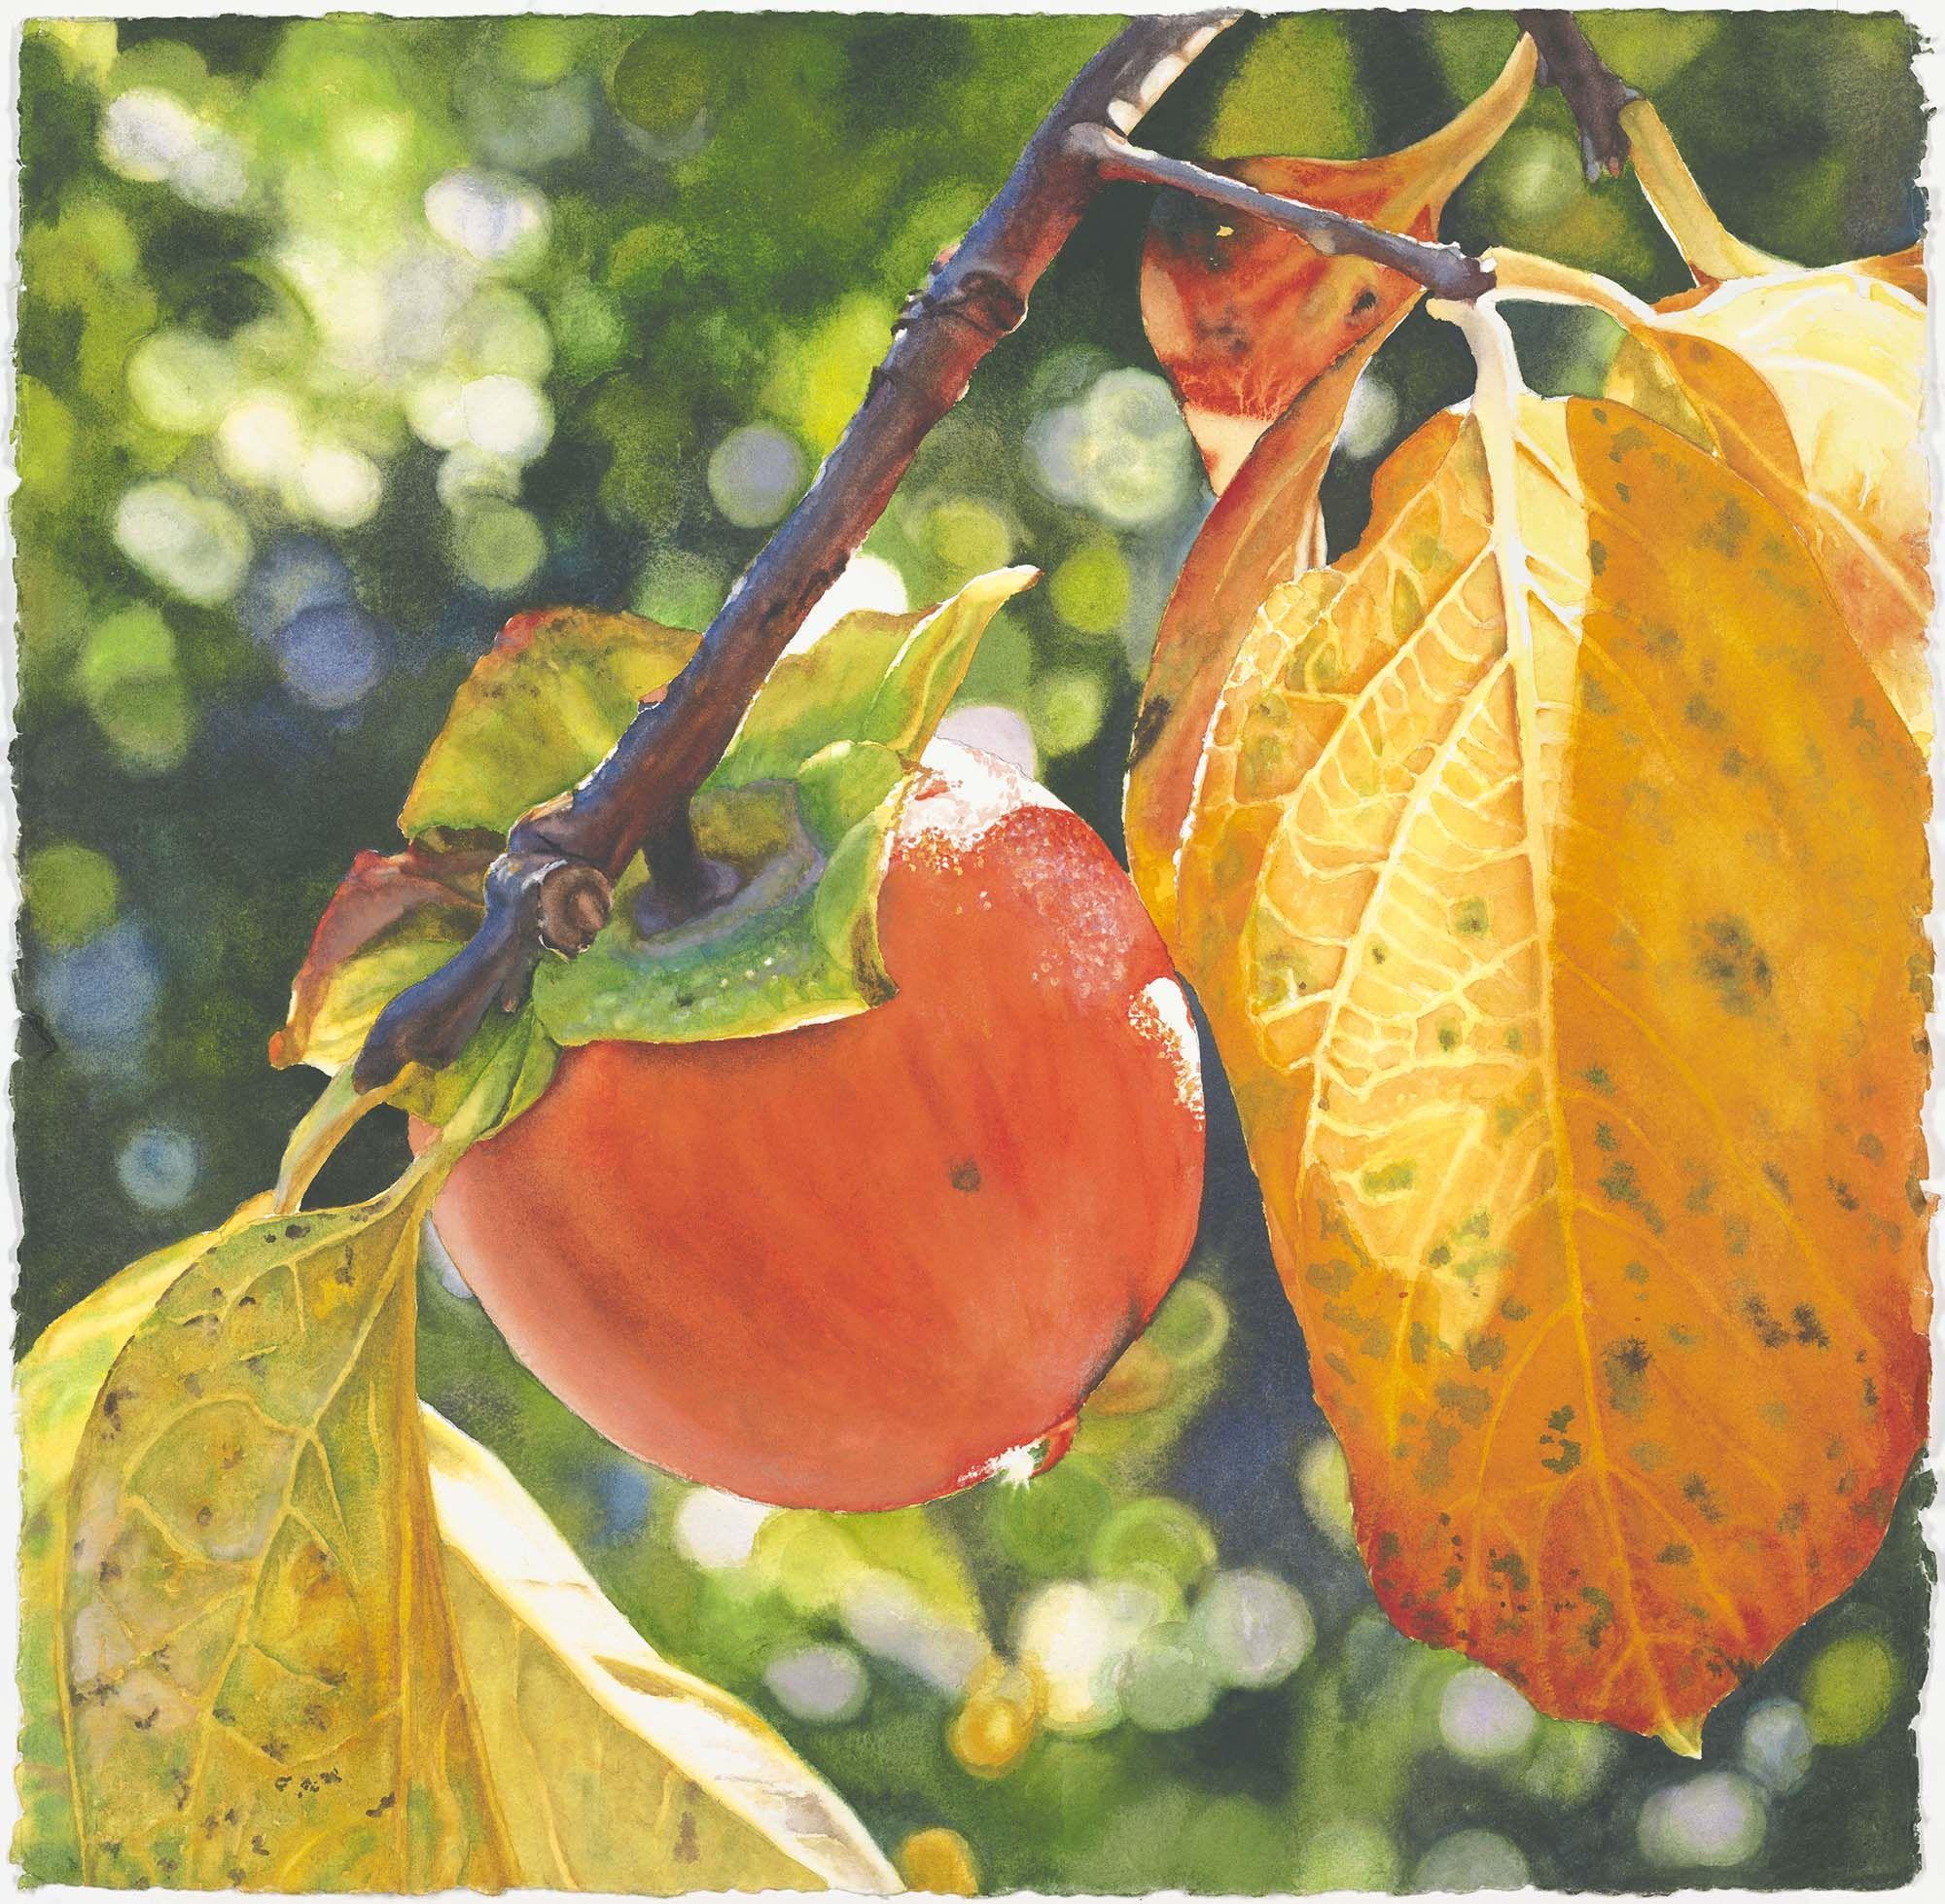 Color art floral wonders - Life In Full Color Cara Brown Www Lifeinfullcolor Com